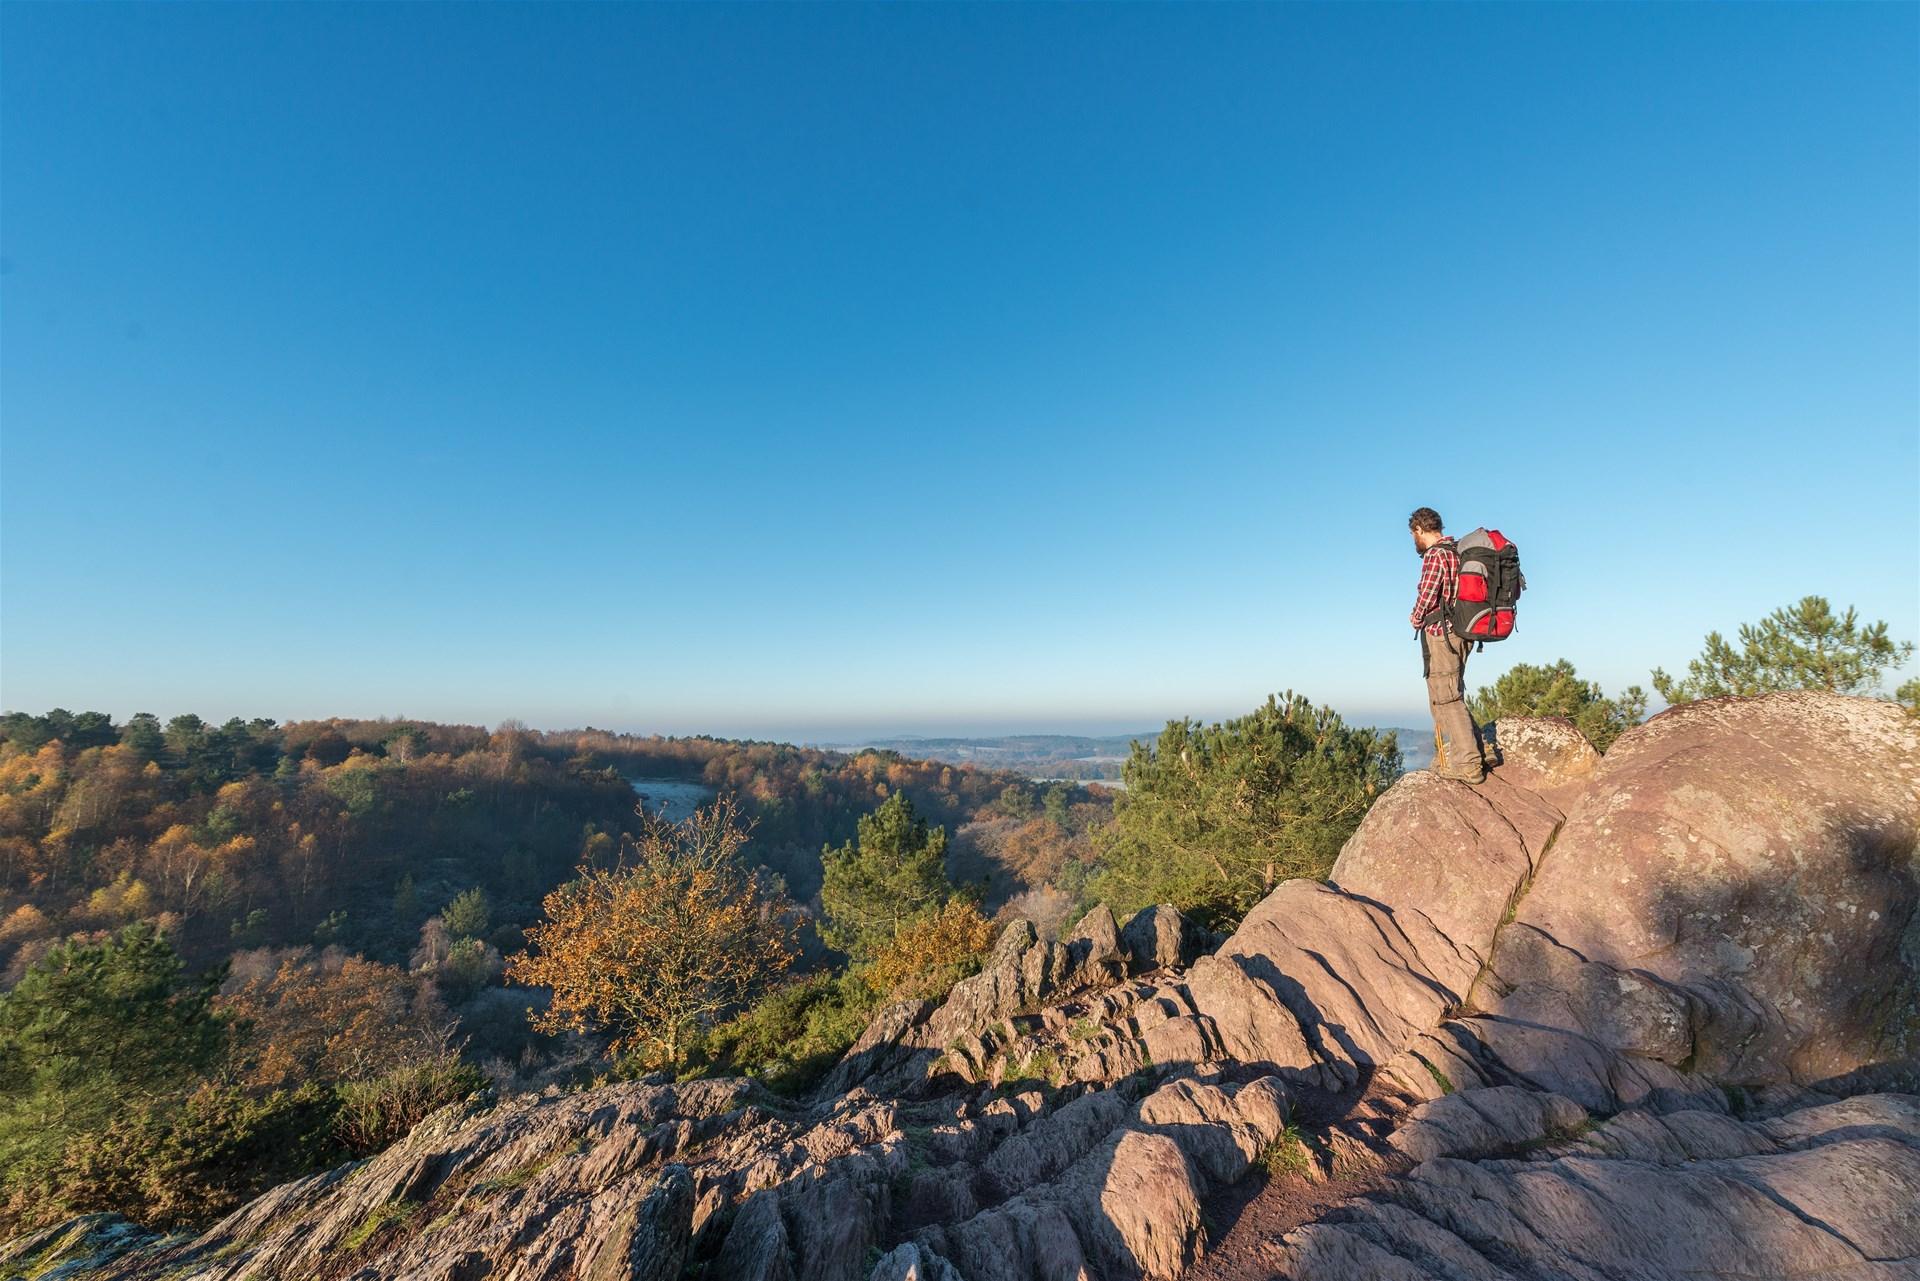 FFRandonnée - Bretagne - Destinations Touristiques - randonnée - Brocéliande